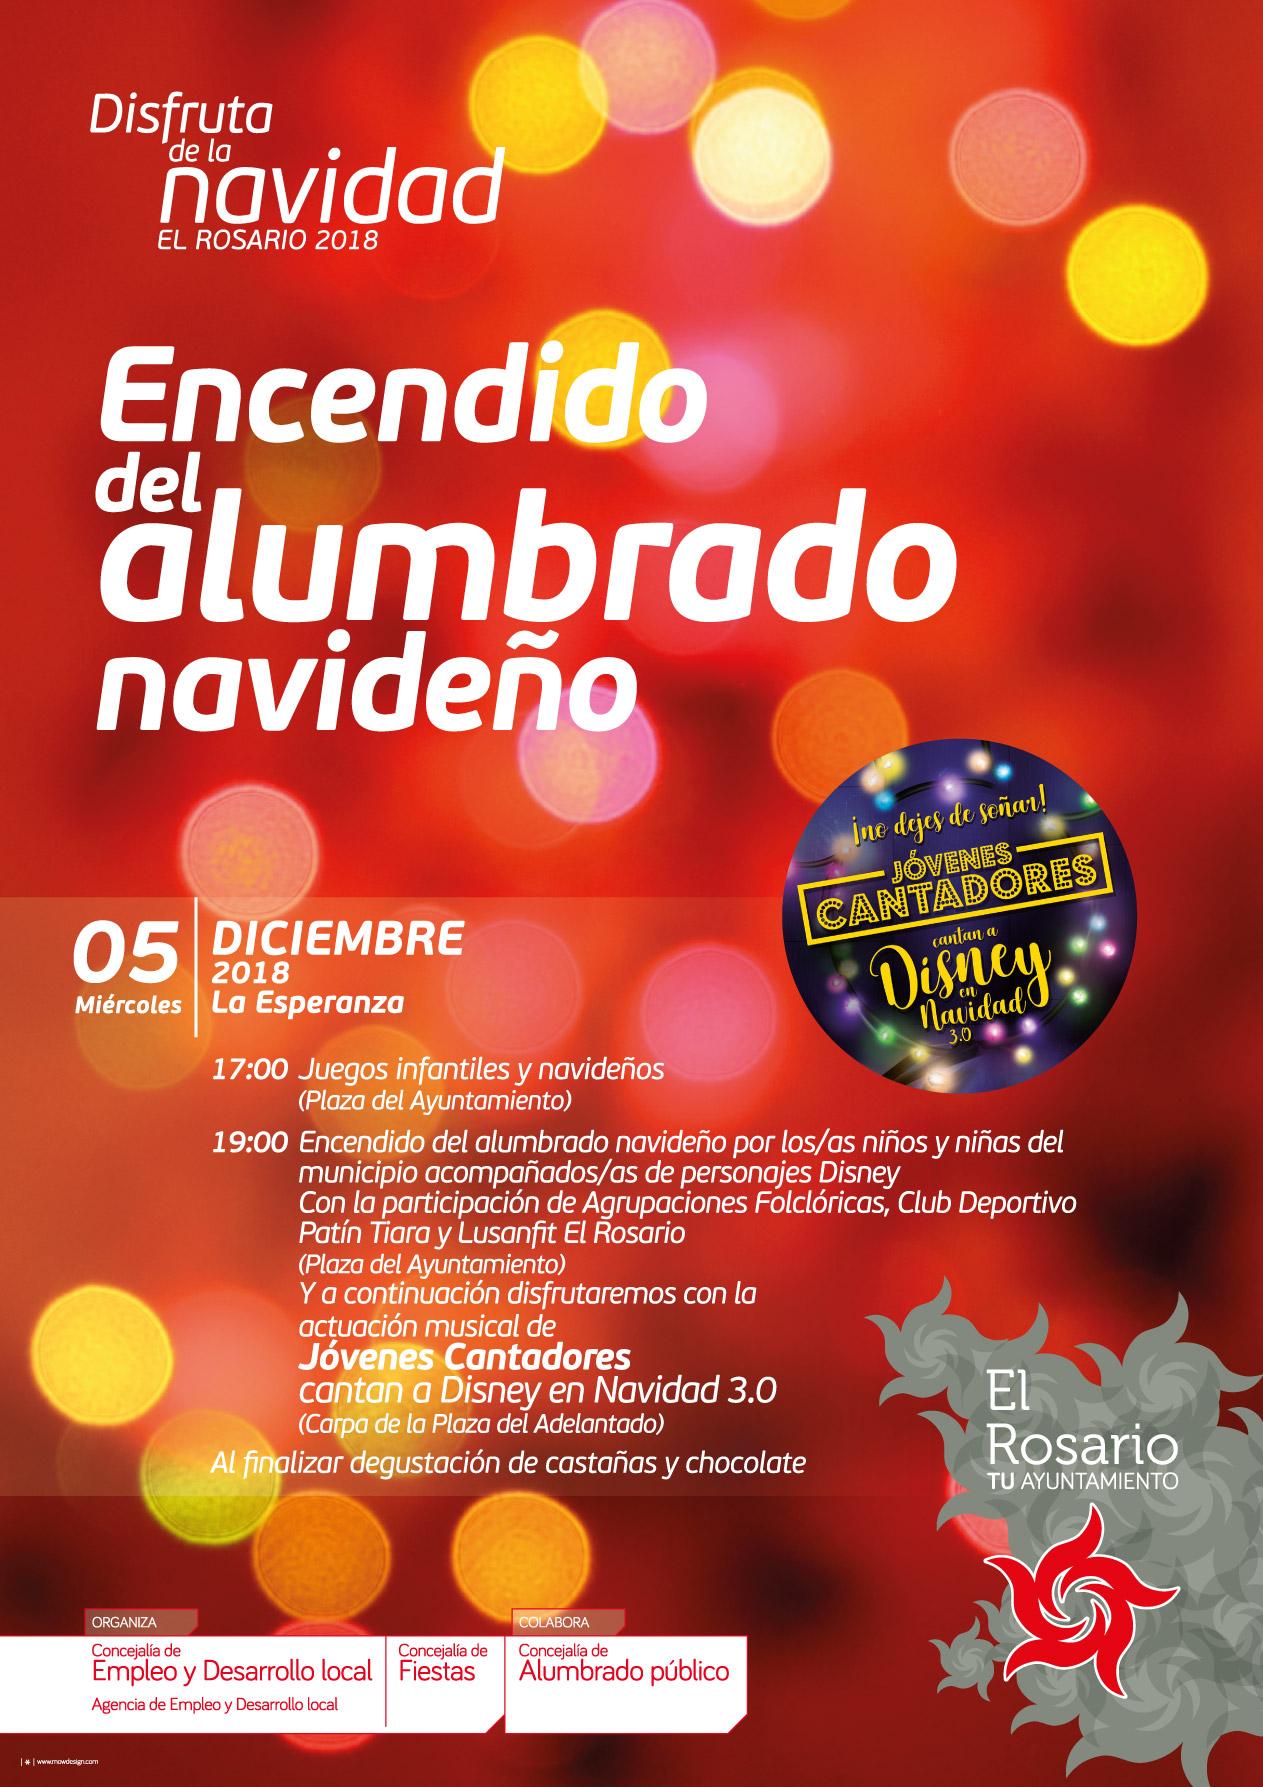 ENCENDIDO_ALUMBRADO_NAVIDAD-20181205-CARTEL-A3-20181129-01af-redes